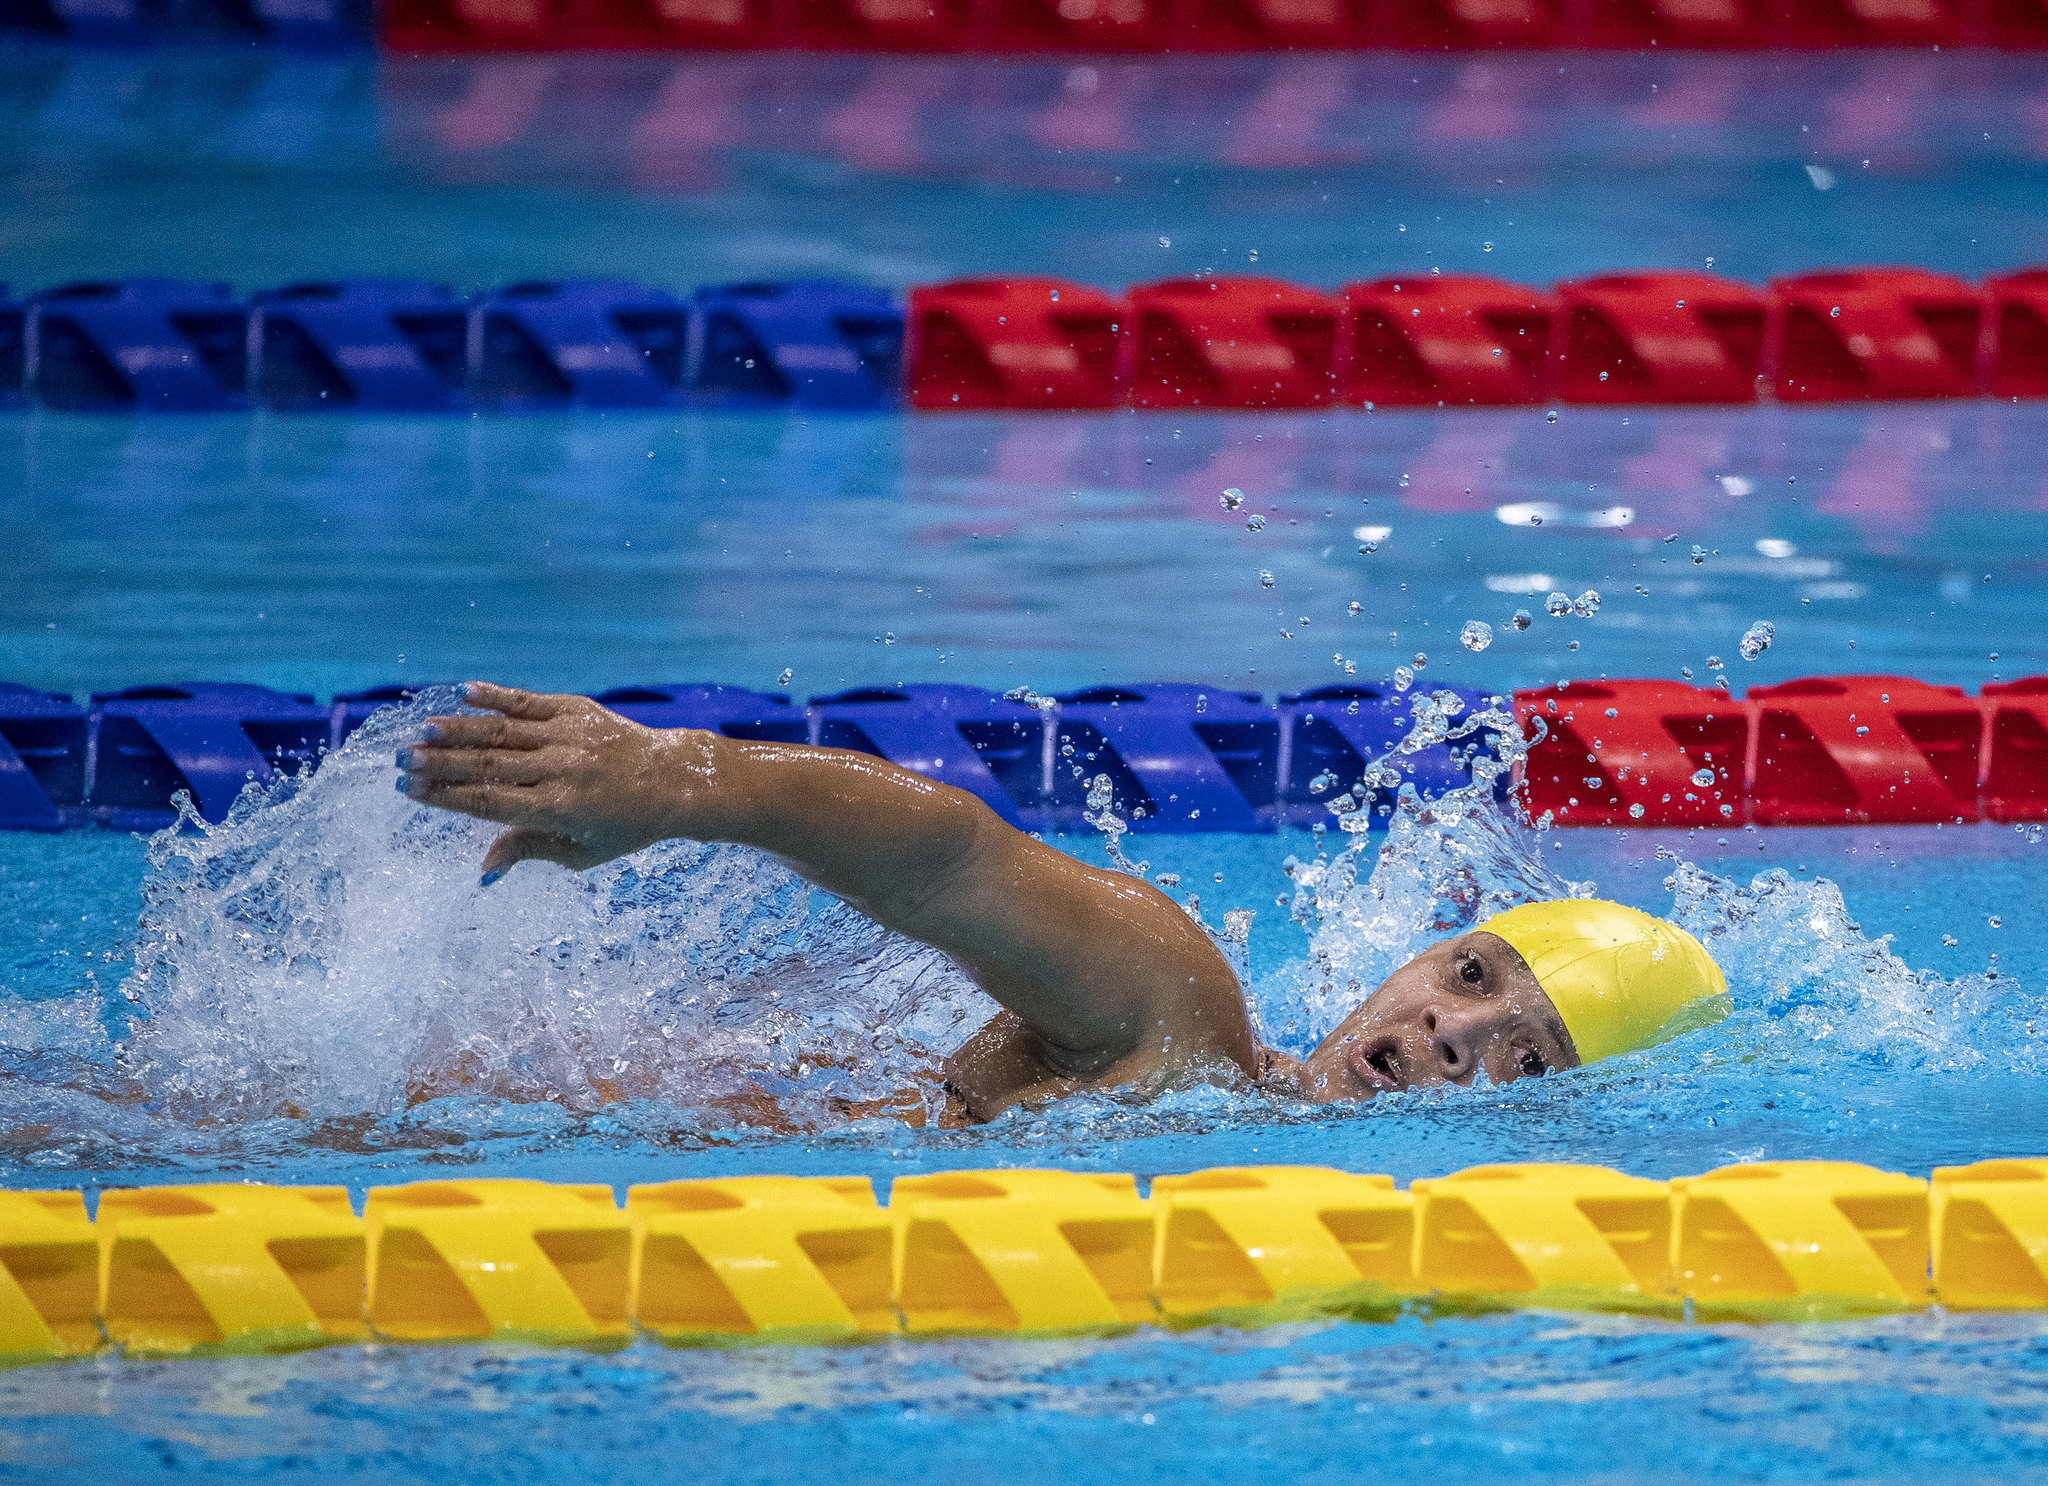 Joana Maria da Silva nada sem óculos e de touca amarela. A atleta está com a cabeça e um braço acima da água.